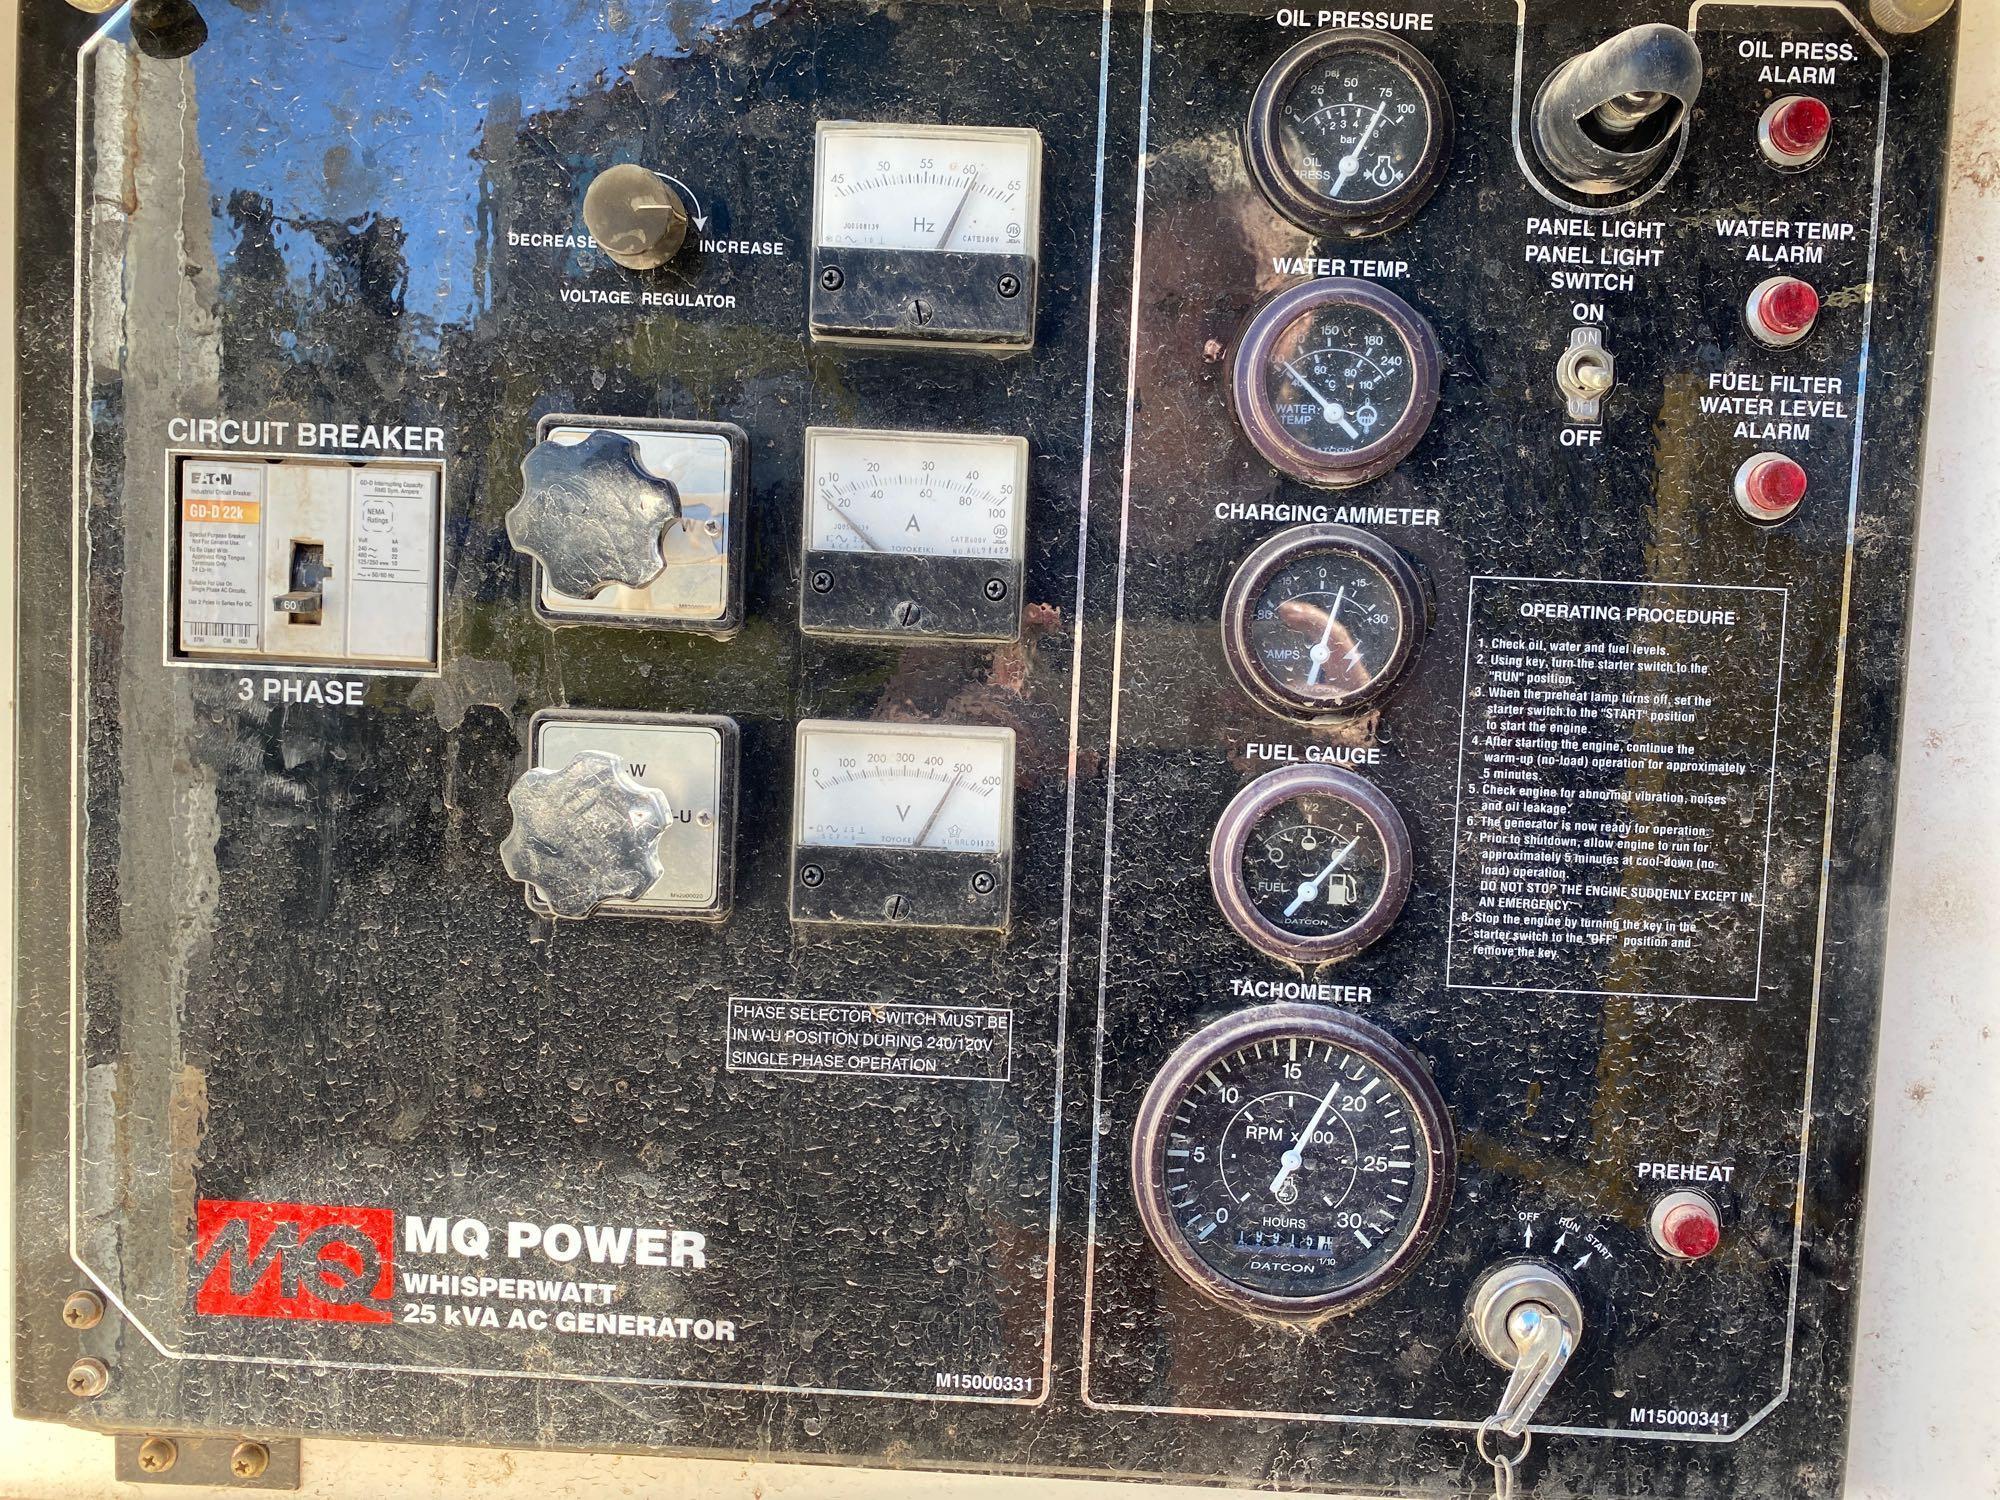 2012 WHISPERWATT MQ POWER DIESEL GENERATOR, TRAILER MOUNTED, 20KW, 25KVA, RUNS AND OPERATES - Image 8 of 10